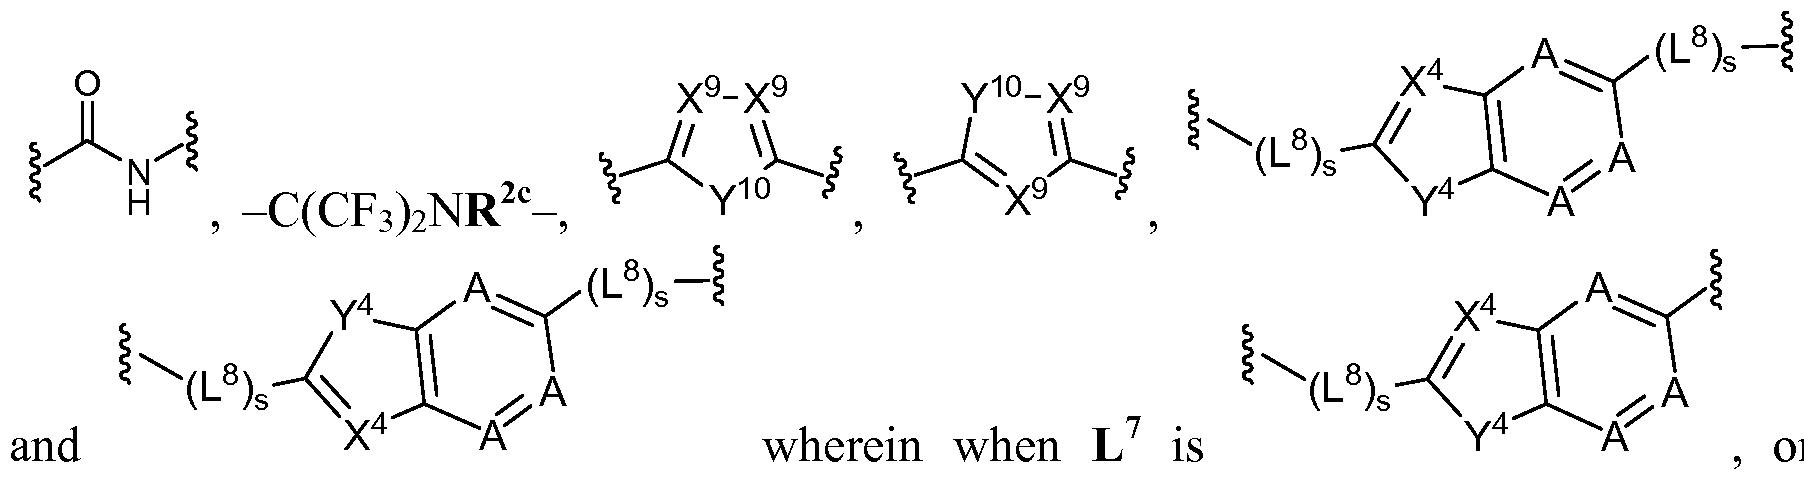 Figure imgf000037_0004